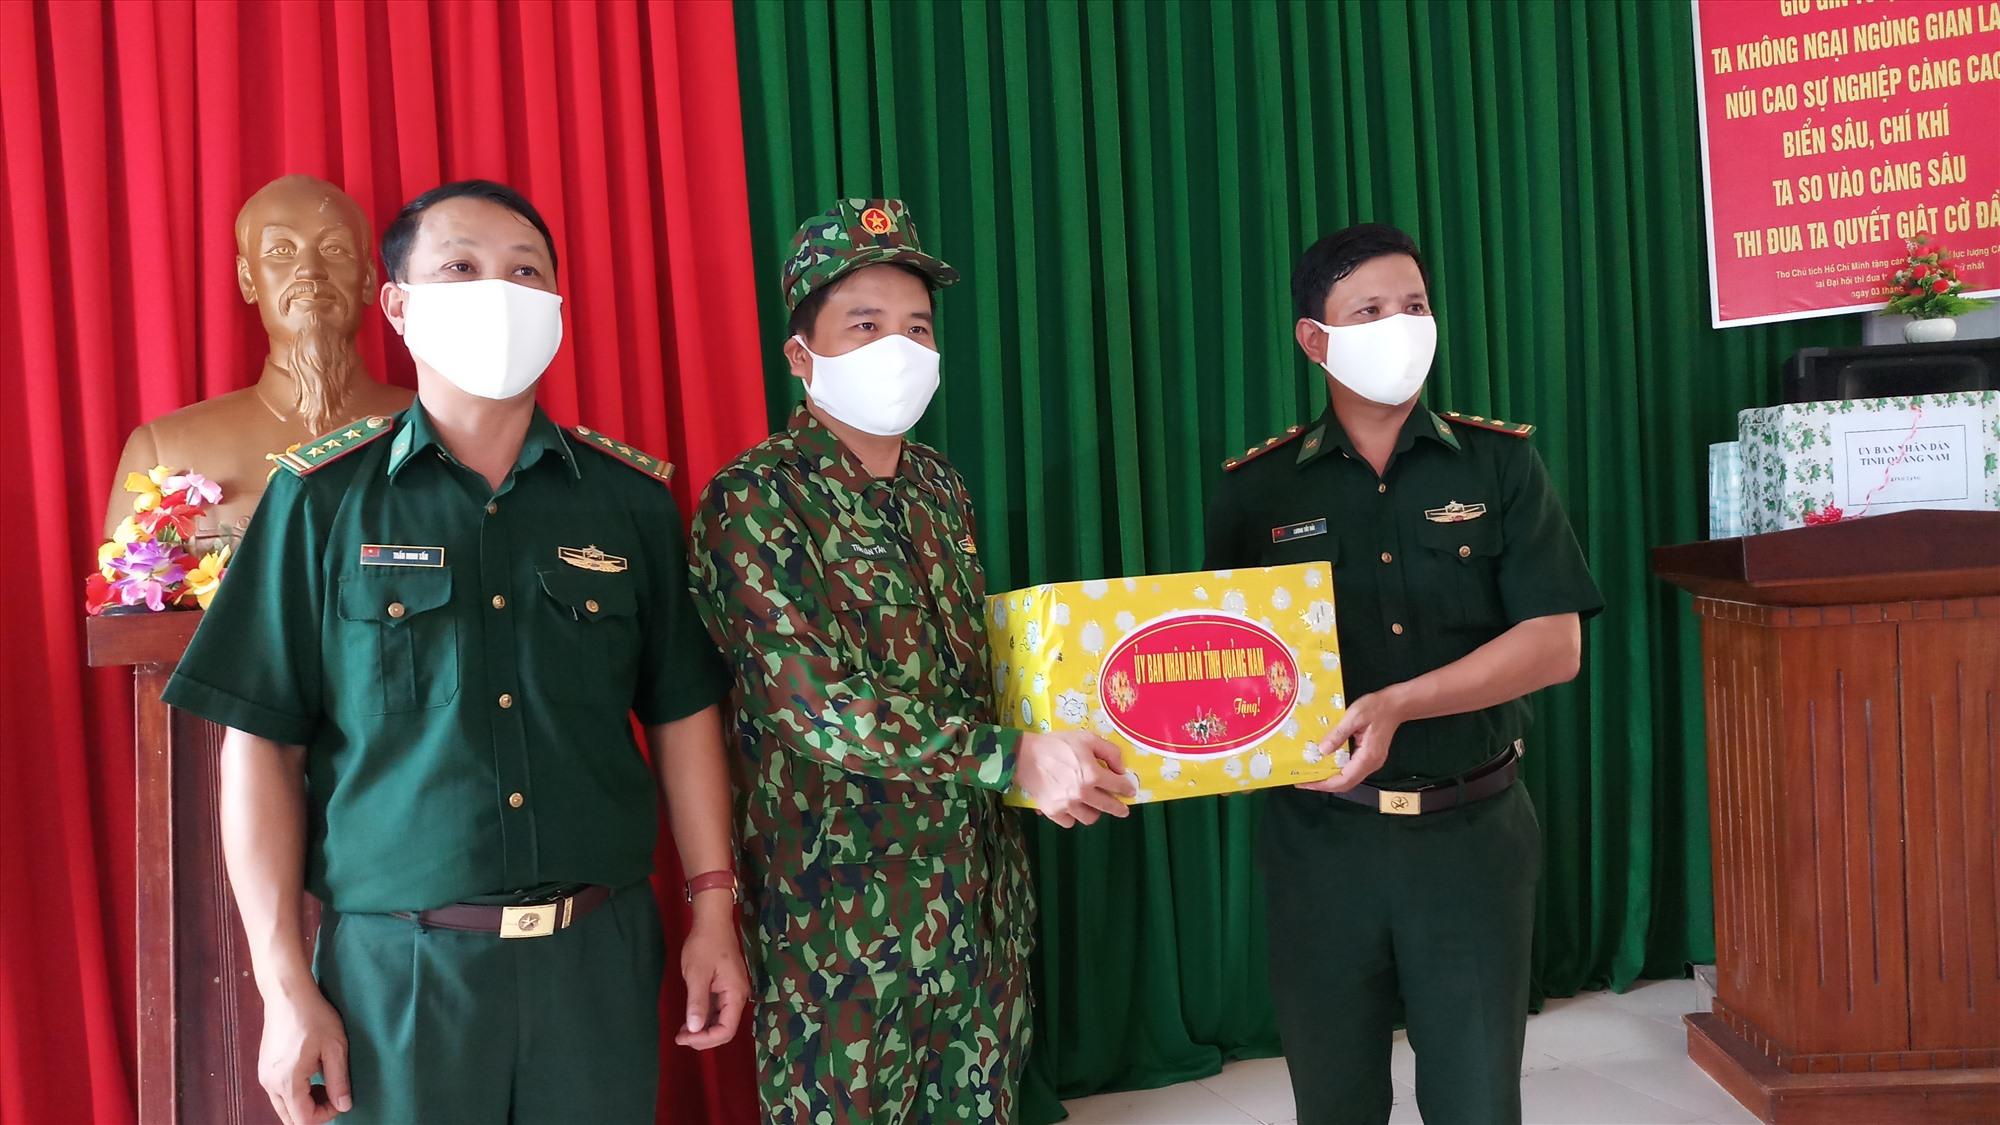 Phó Chủ tịch UBND tỉnh Trần Văn Tân tặng quà động viên cán bộ, chiến sĩ Đồn Biên phòng A Nông. Ảnh: A.N